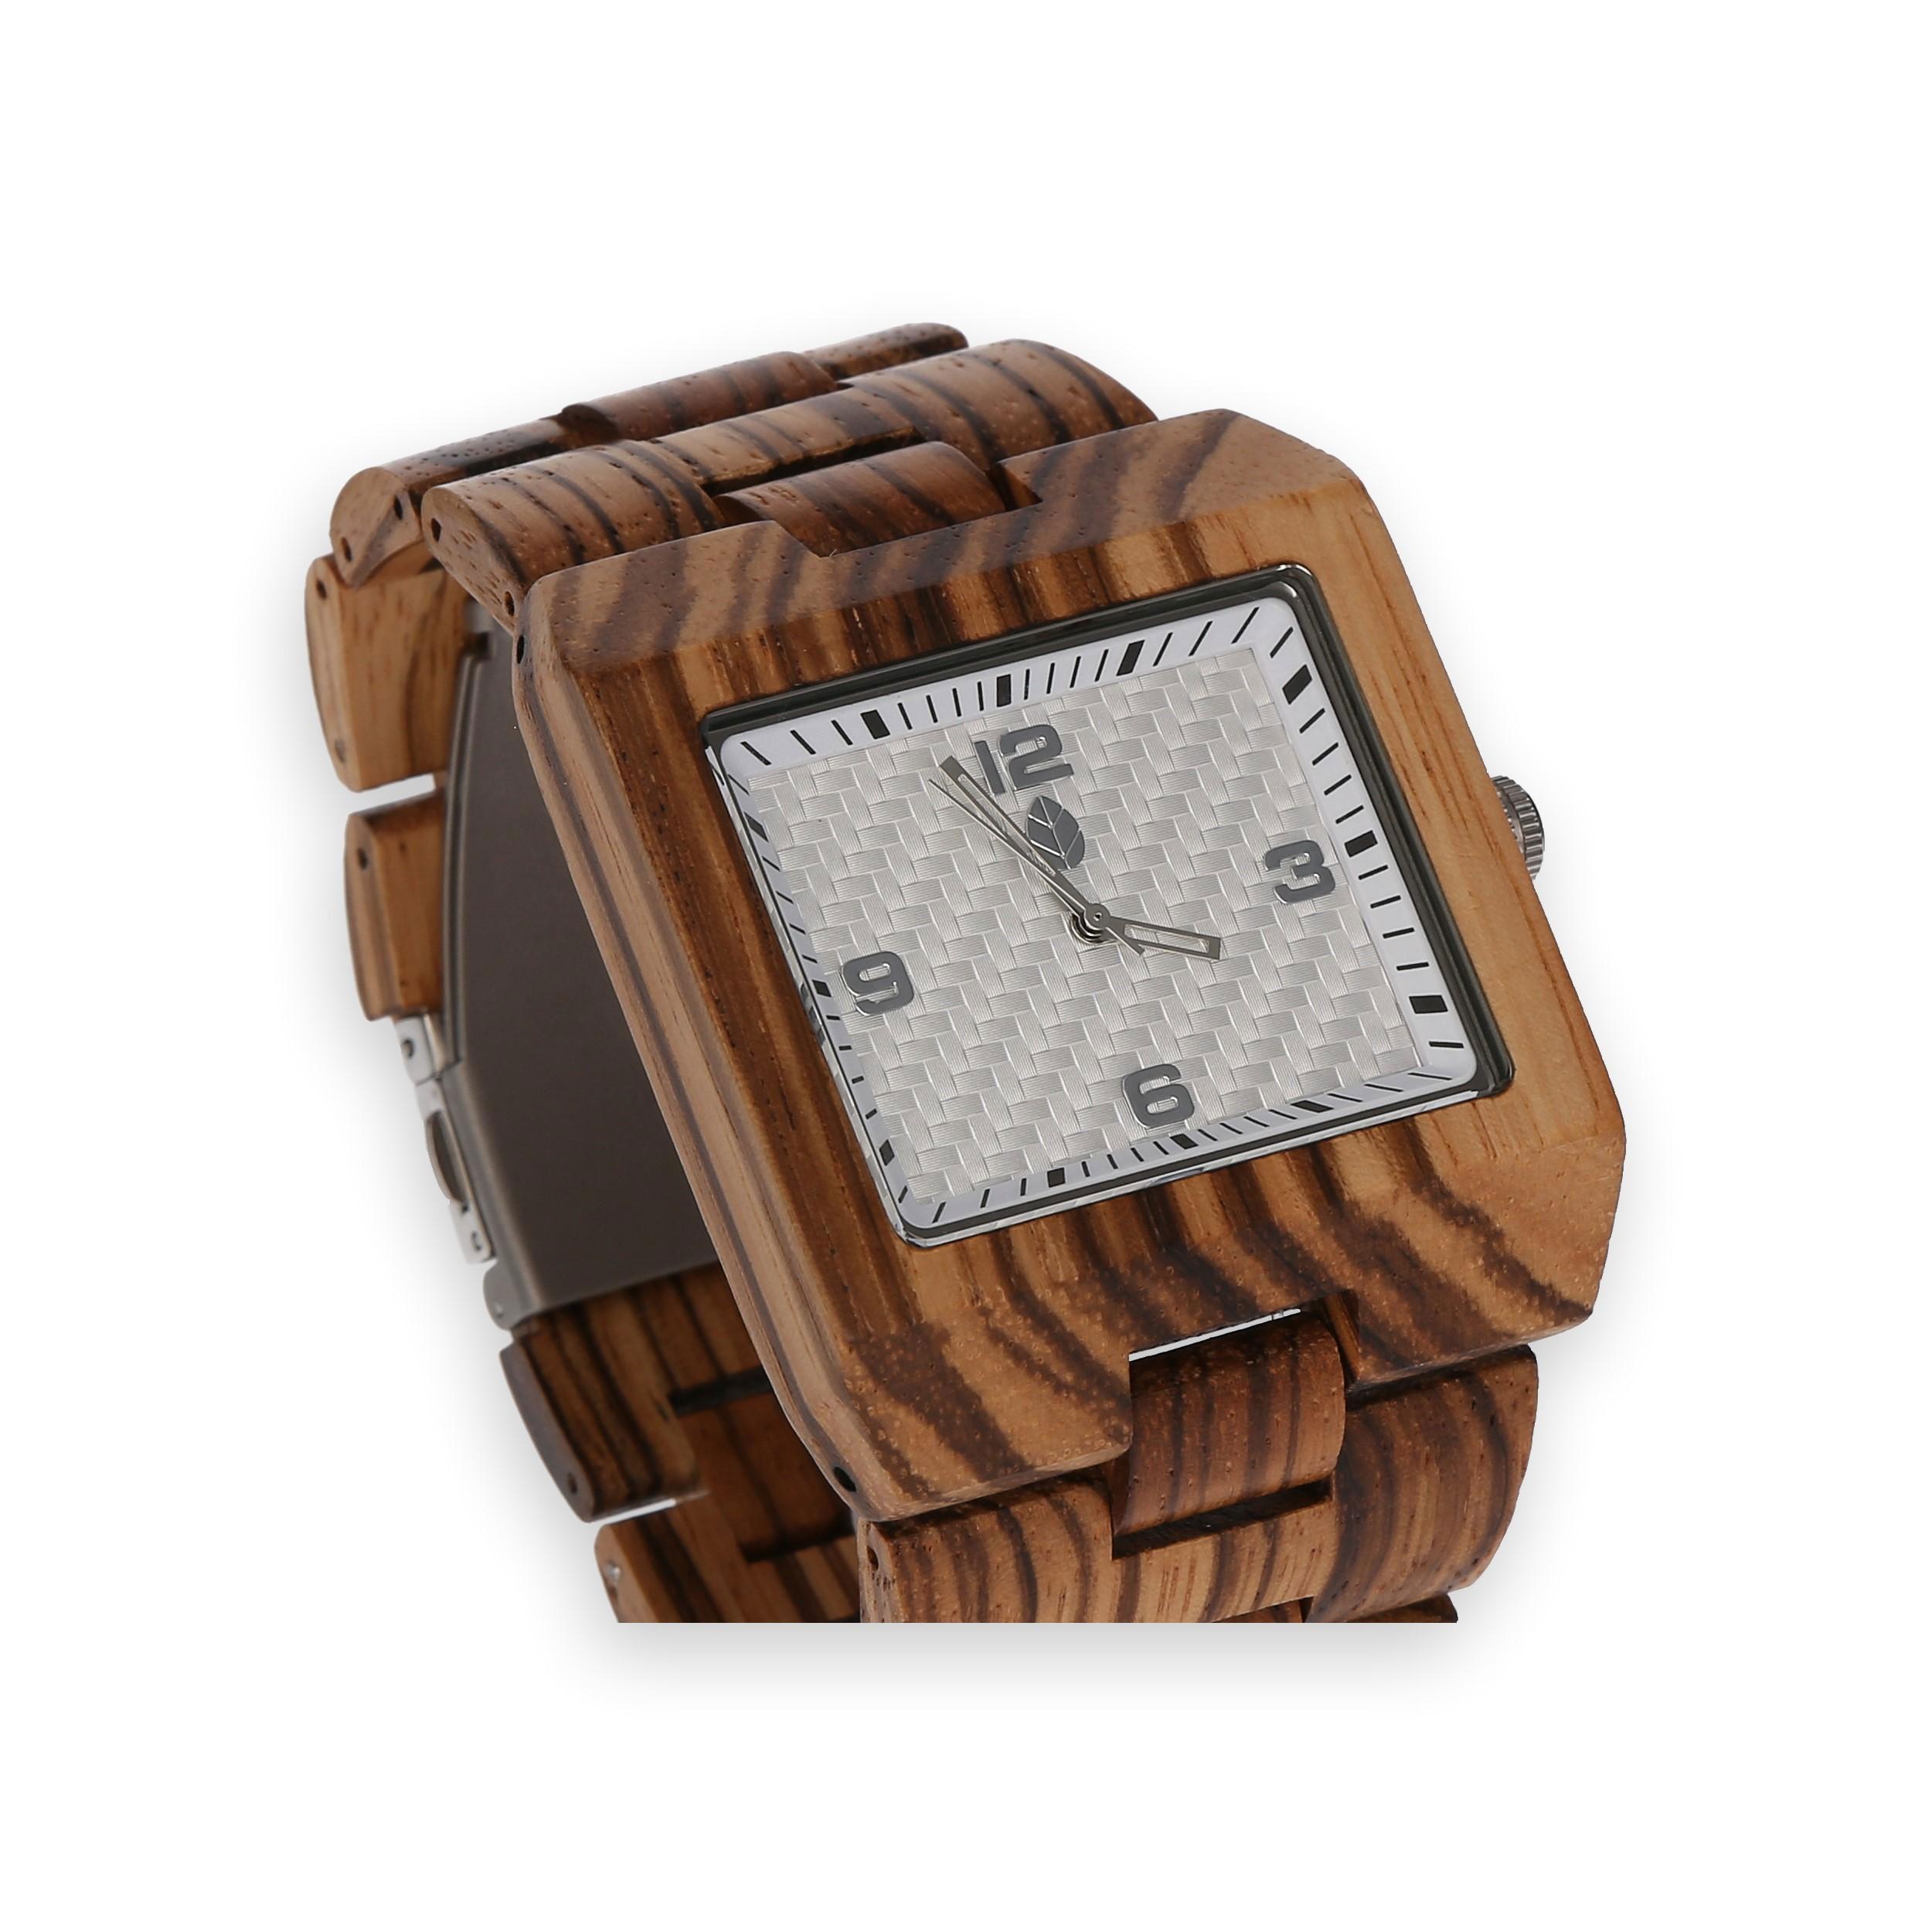 Produktová fotografie - dřevěné hodinky - MacGregor & Company s.r.o.